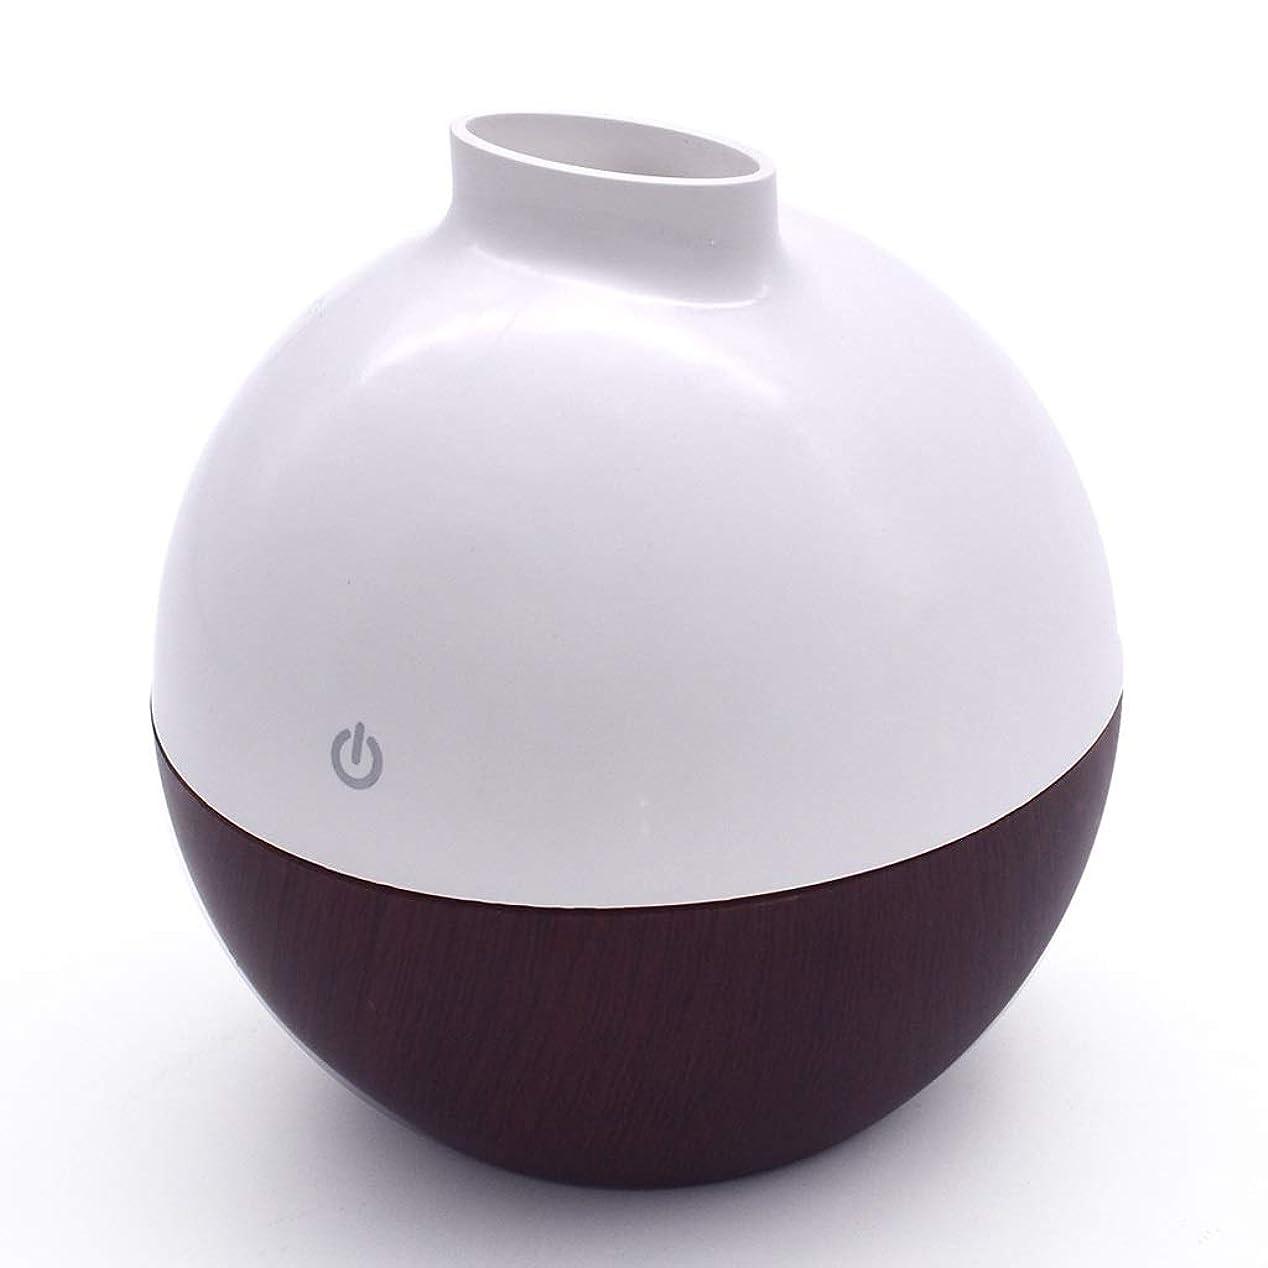 排気隔離する再びリードディフューザー 家庭用アロマ機ミニ家庭用加湿器噴霧ディフューザーミニ木目アロマ機加湿器サイレント拡散アロママシン YHDD (Color : C)